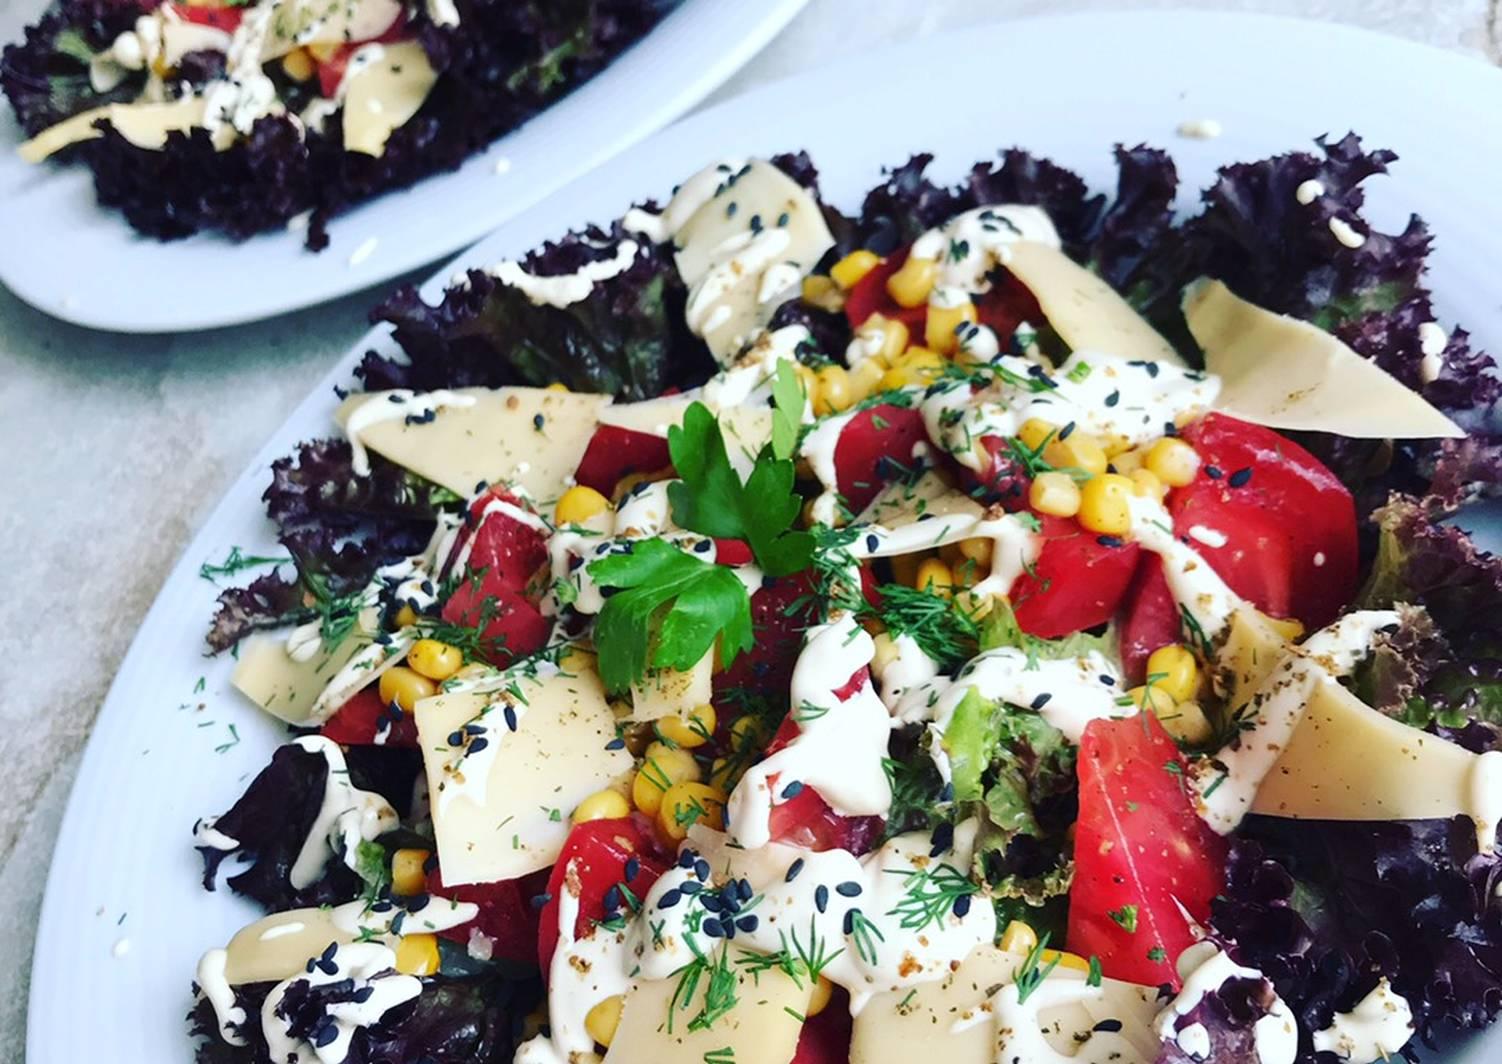 совершили салат итальянский рецепт с фото классический каждый